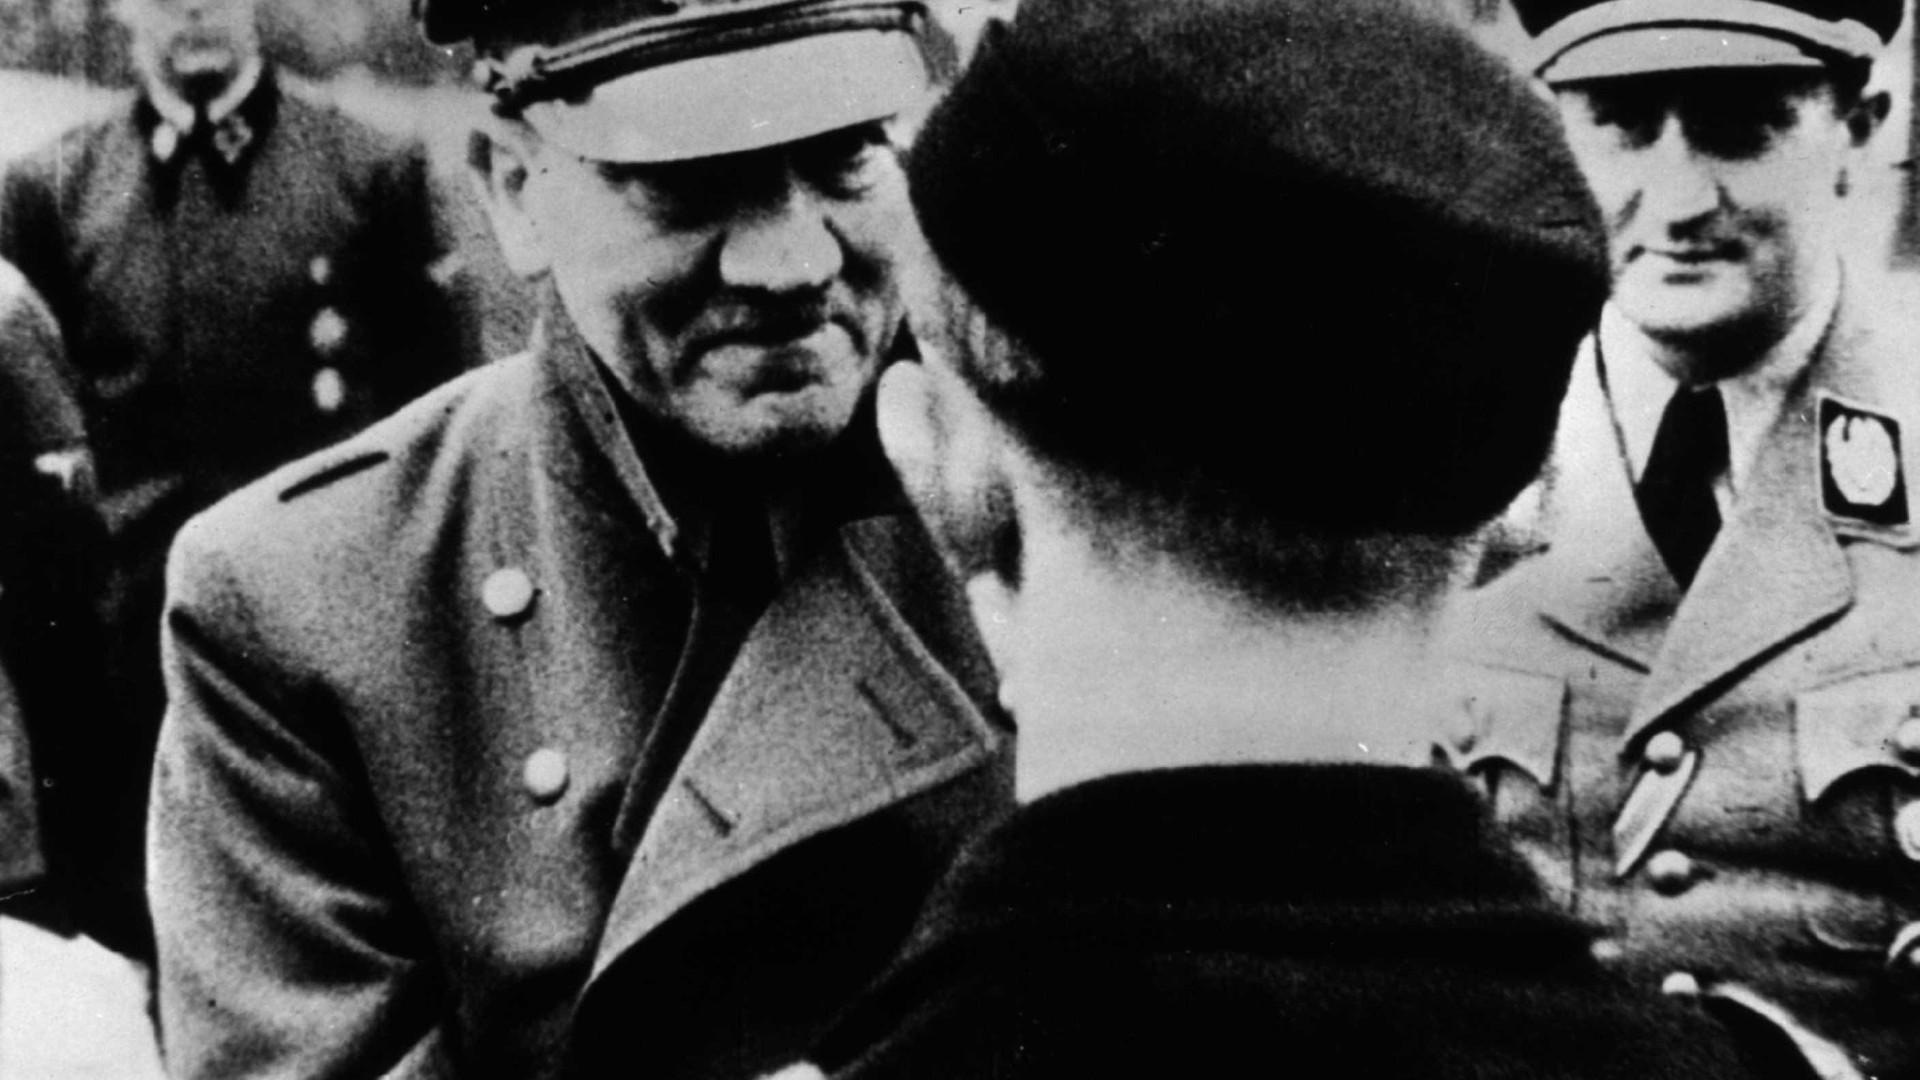 Teoria da conspiração. Terá Hitler forjado morte e fugido para a América?